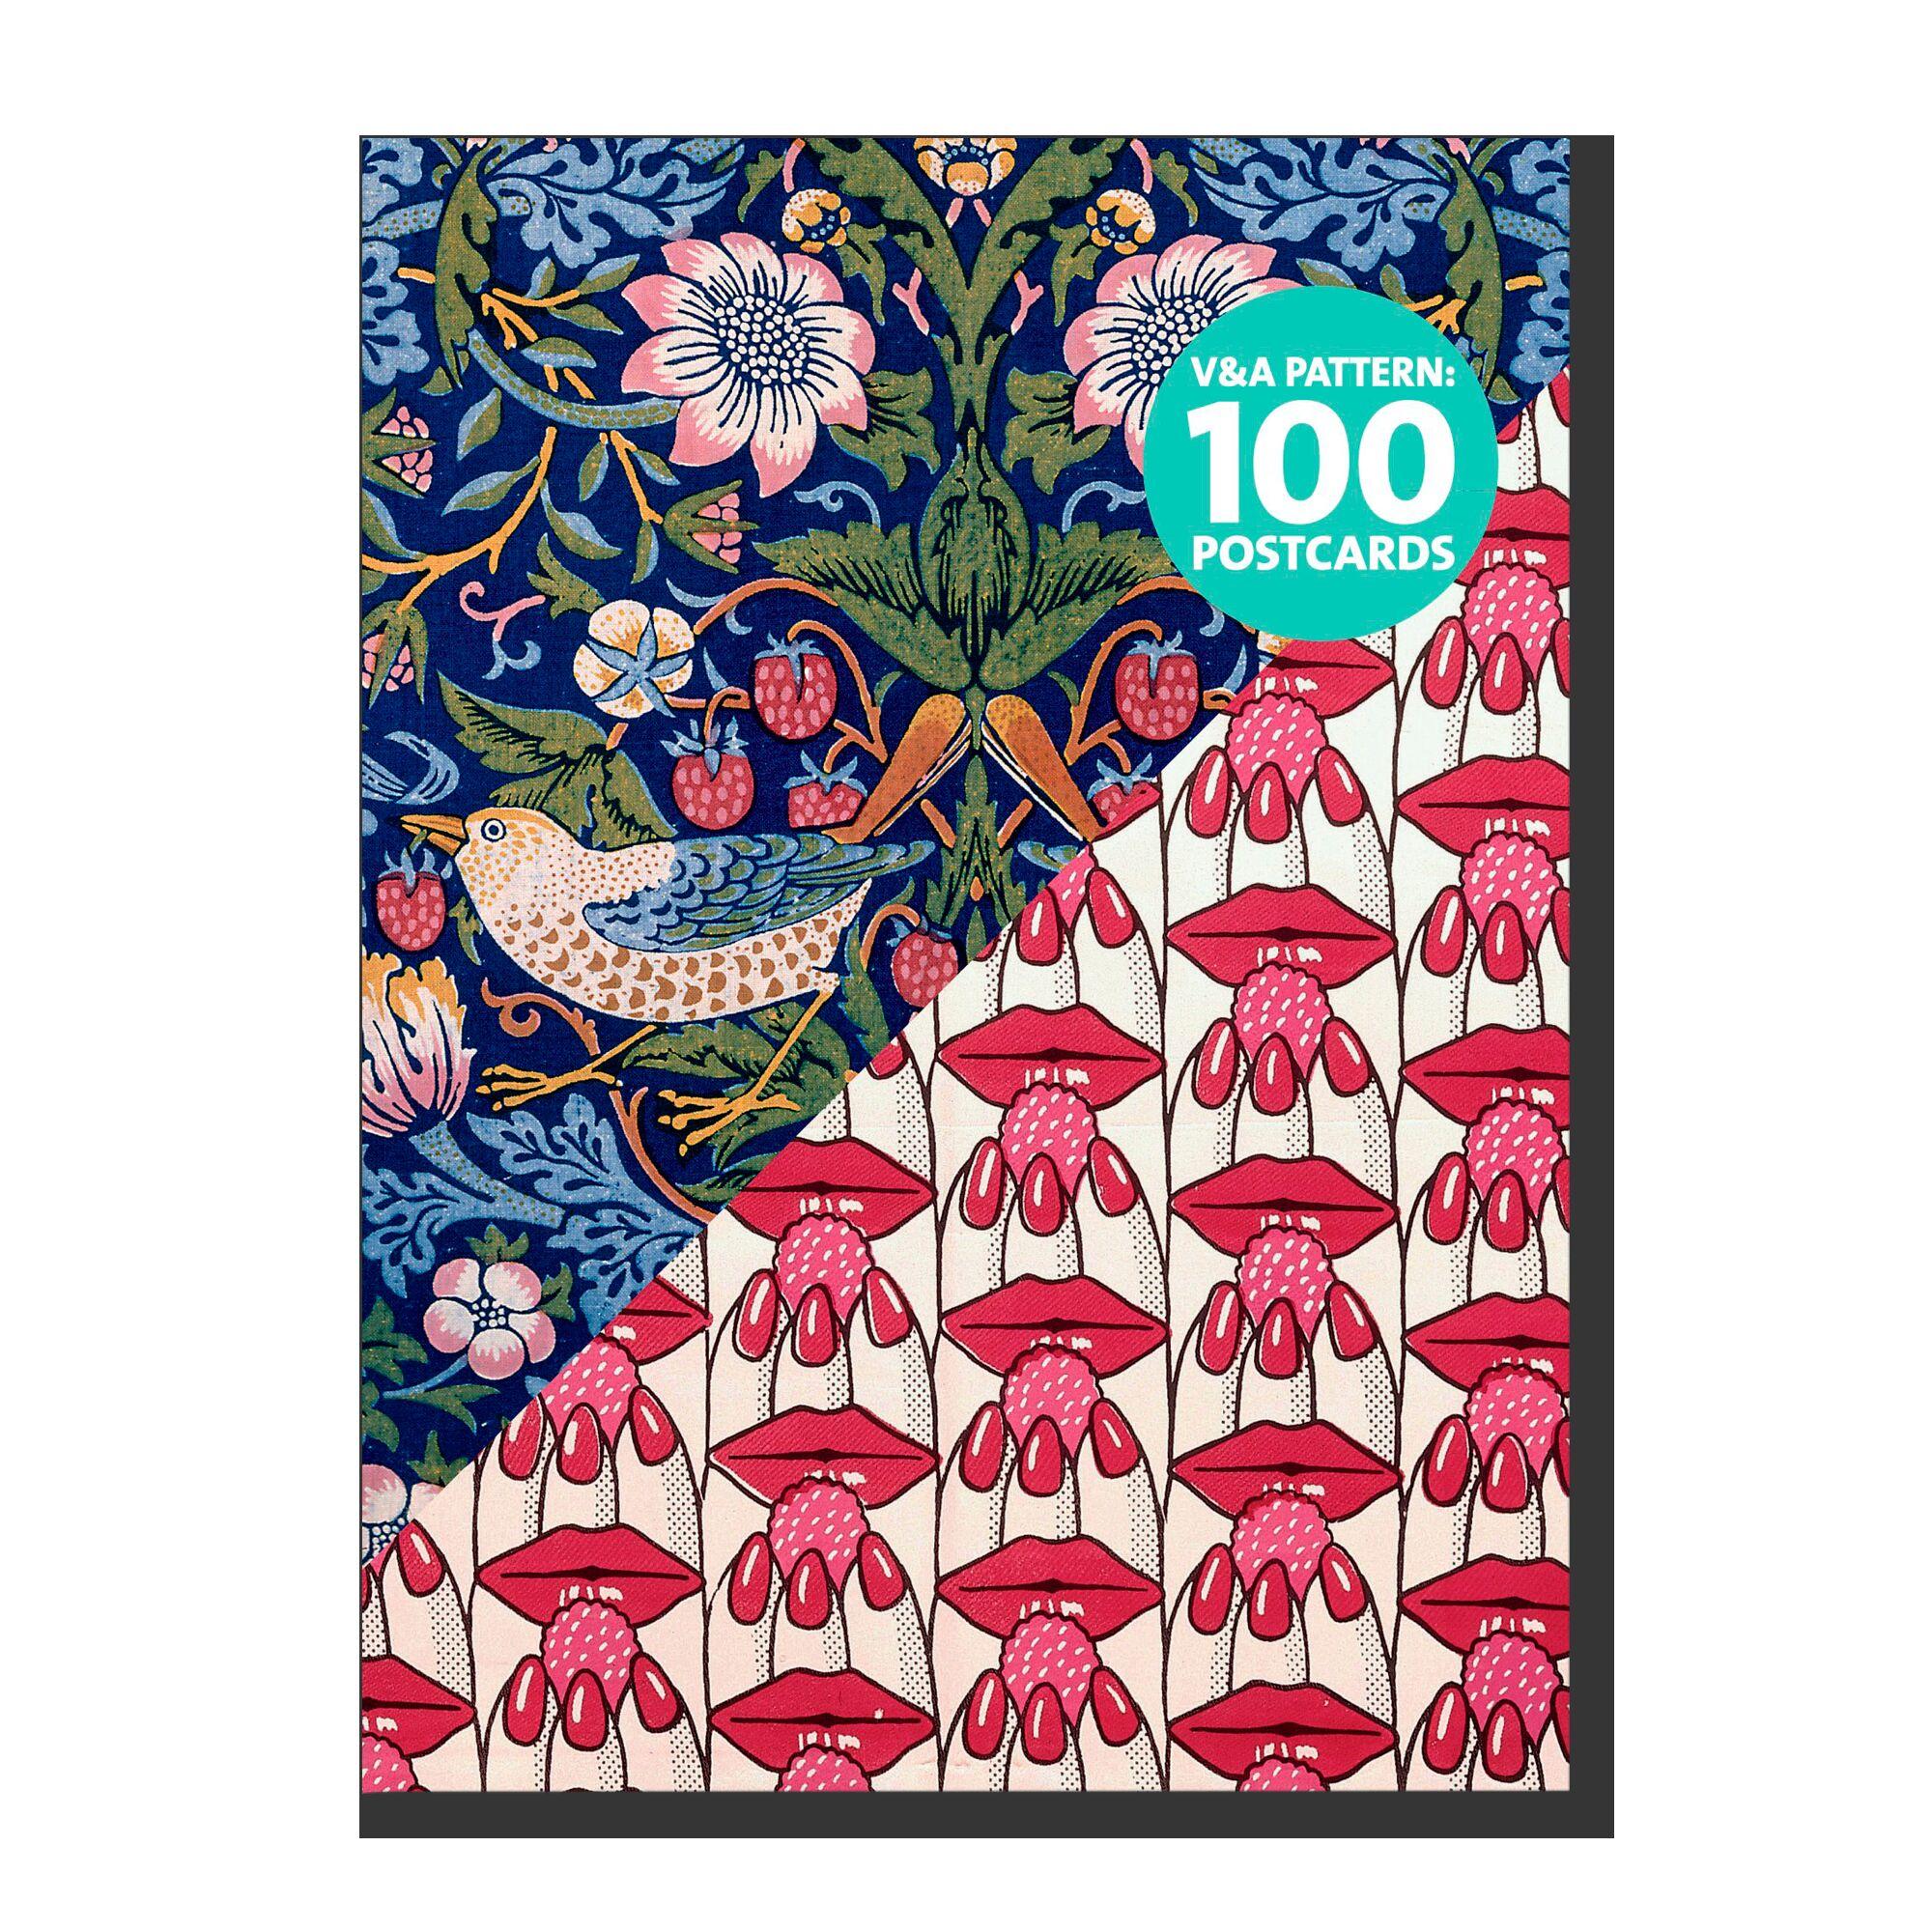 V&A Pattern: 100 Postcards